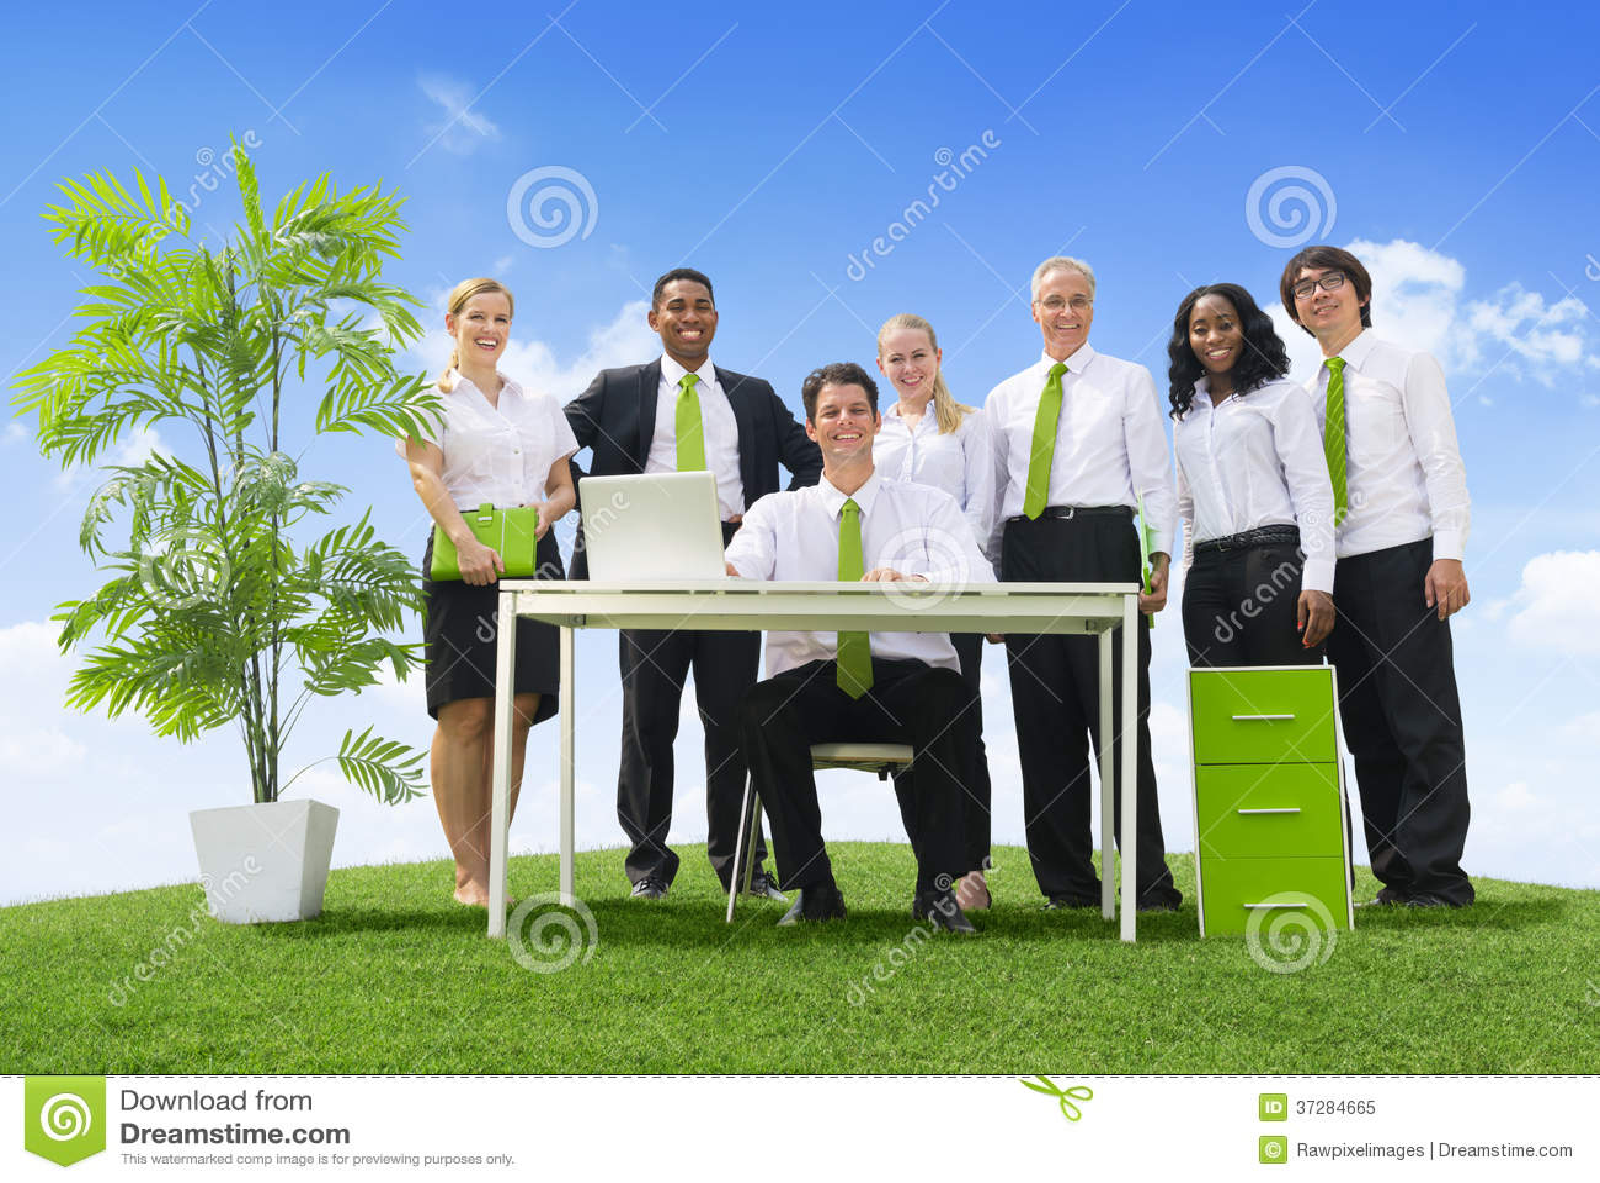 Oficina favorable al medio ambiente imagen de archivo for Oficina de medio ambiente